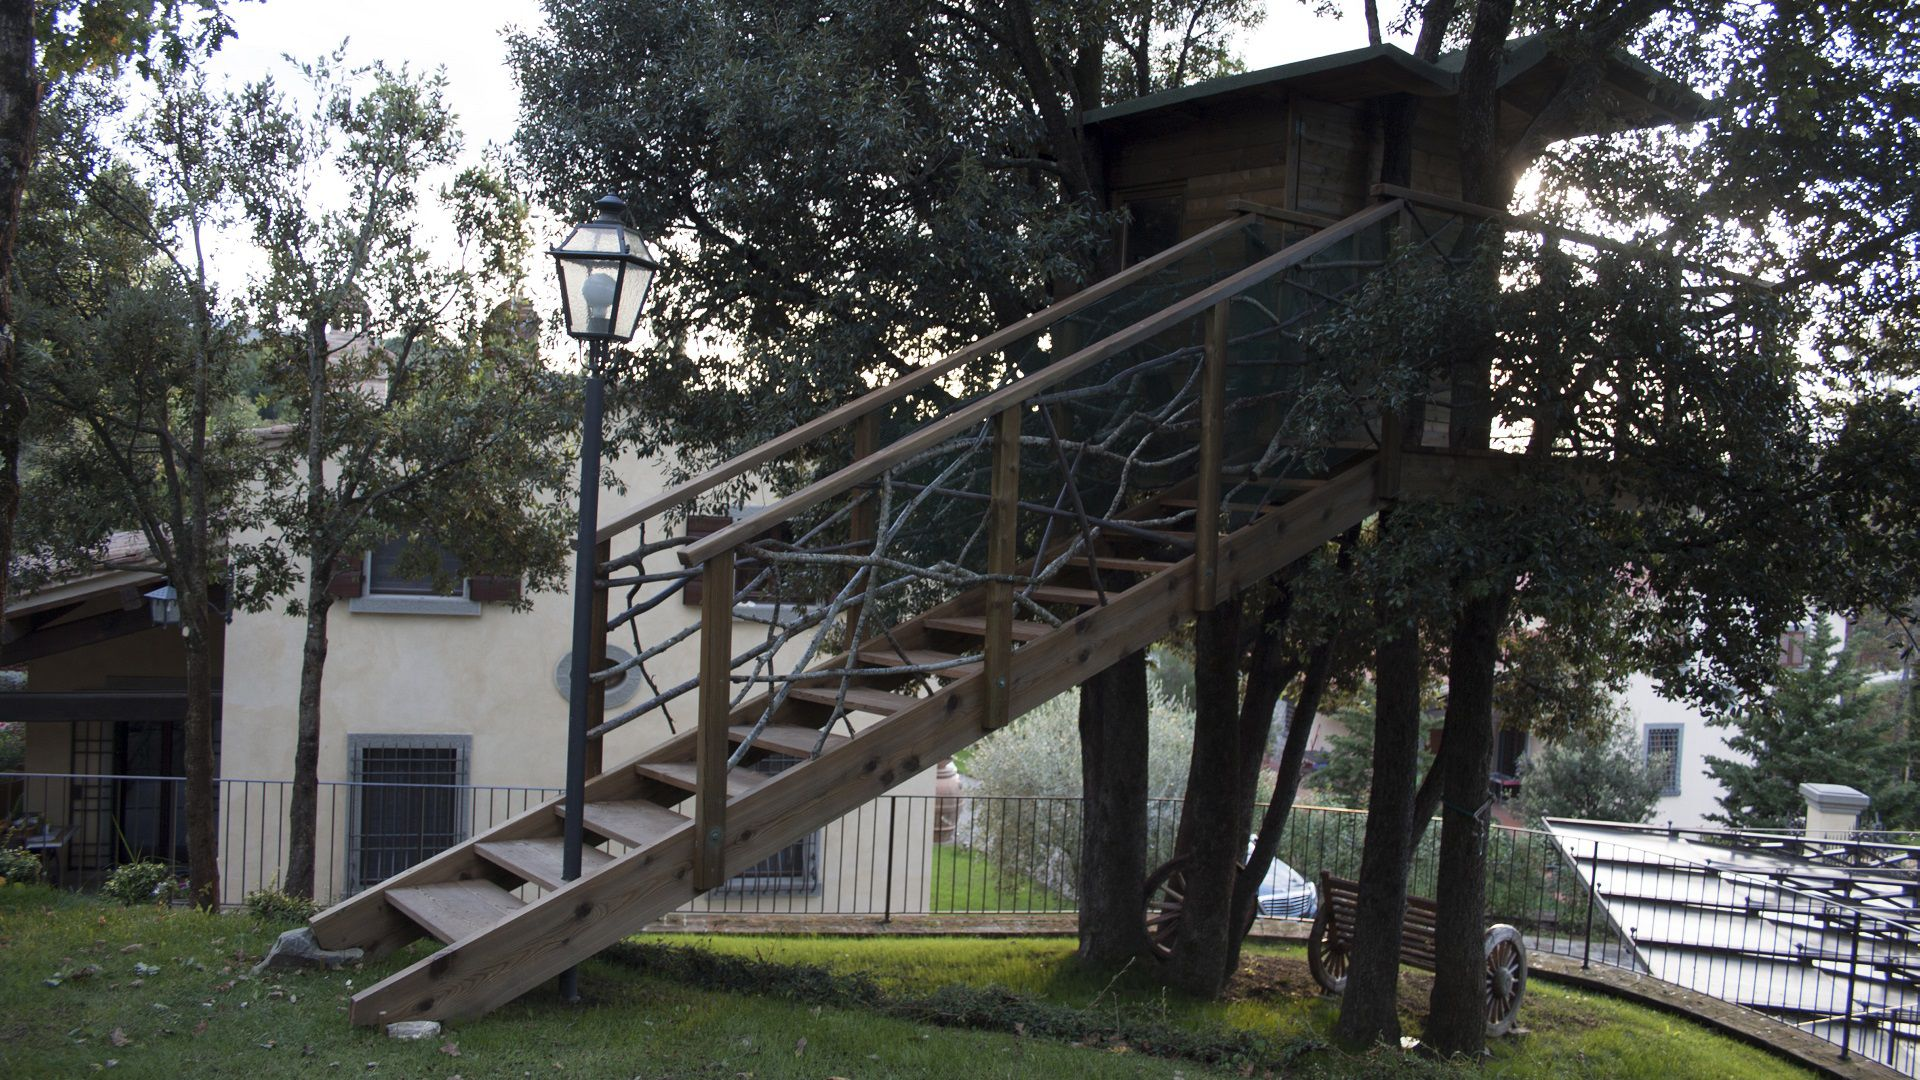 casa sull'albero in giardino